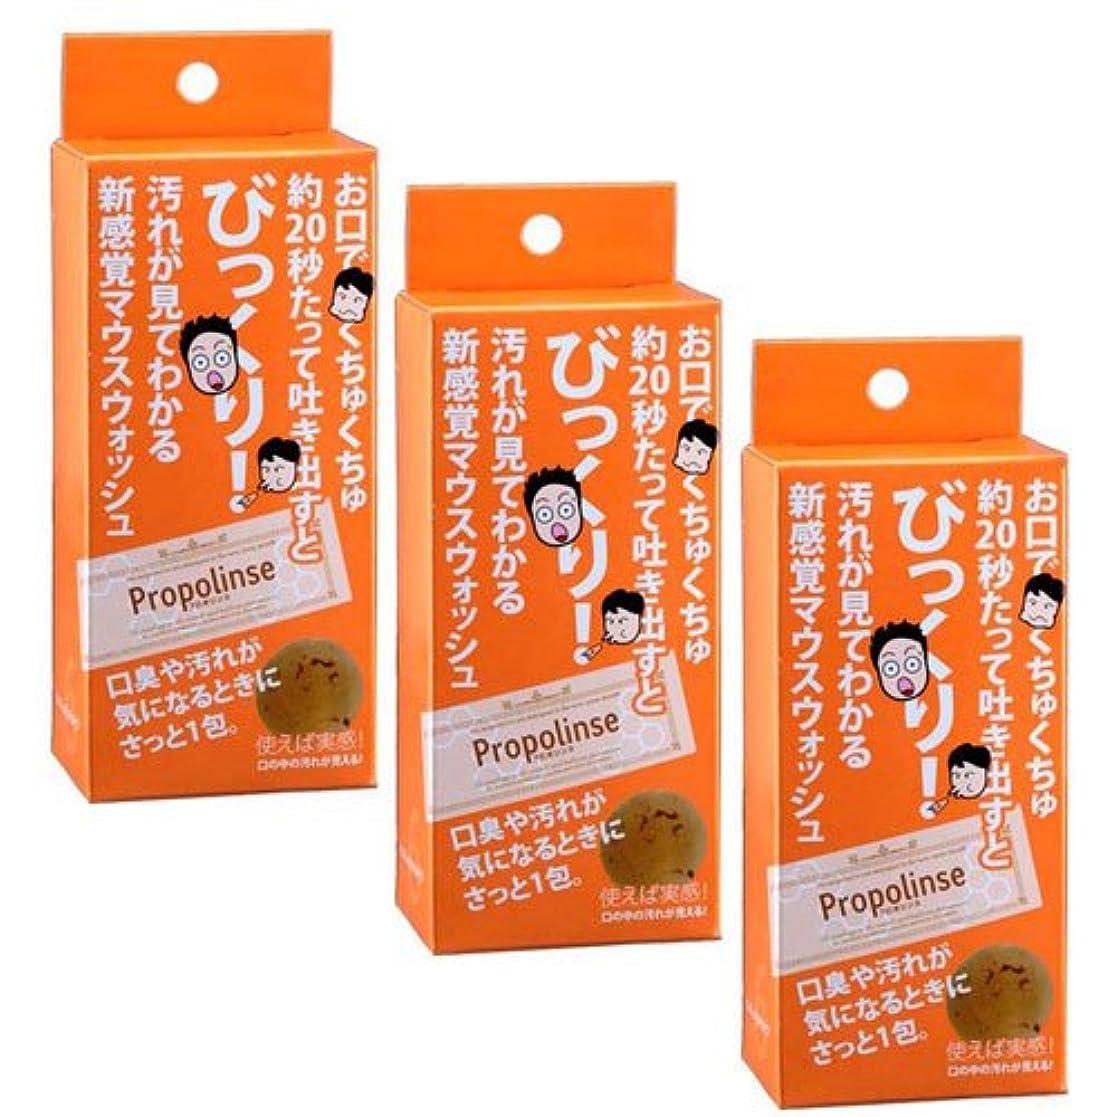 銅野菜ブリリアントプロポリンス12ml×6包 3個セット